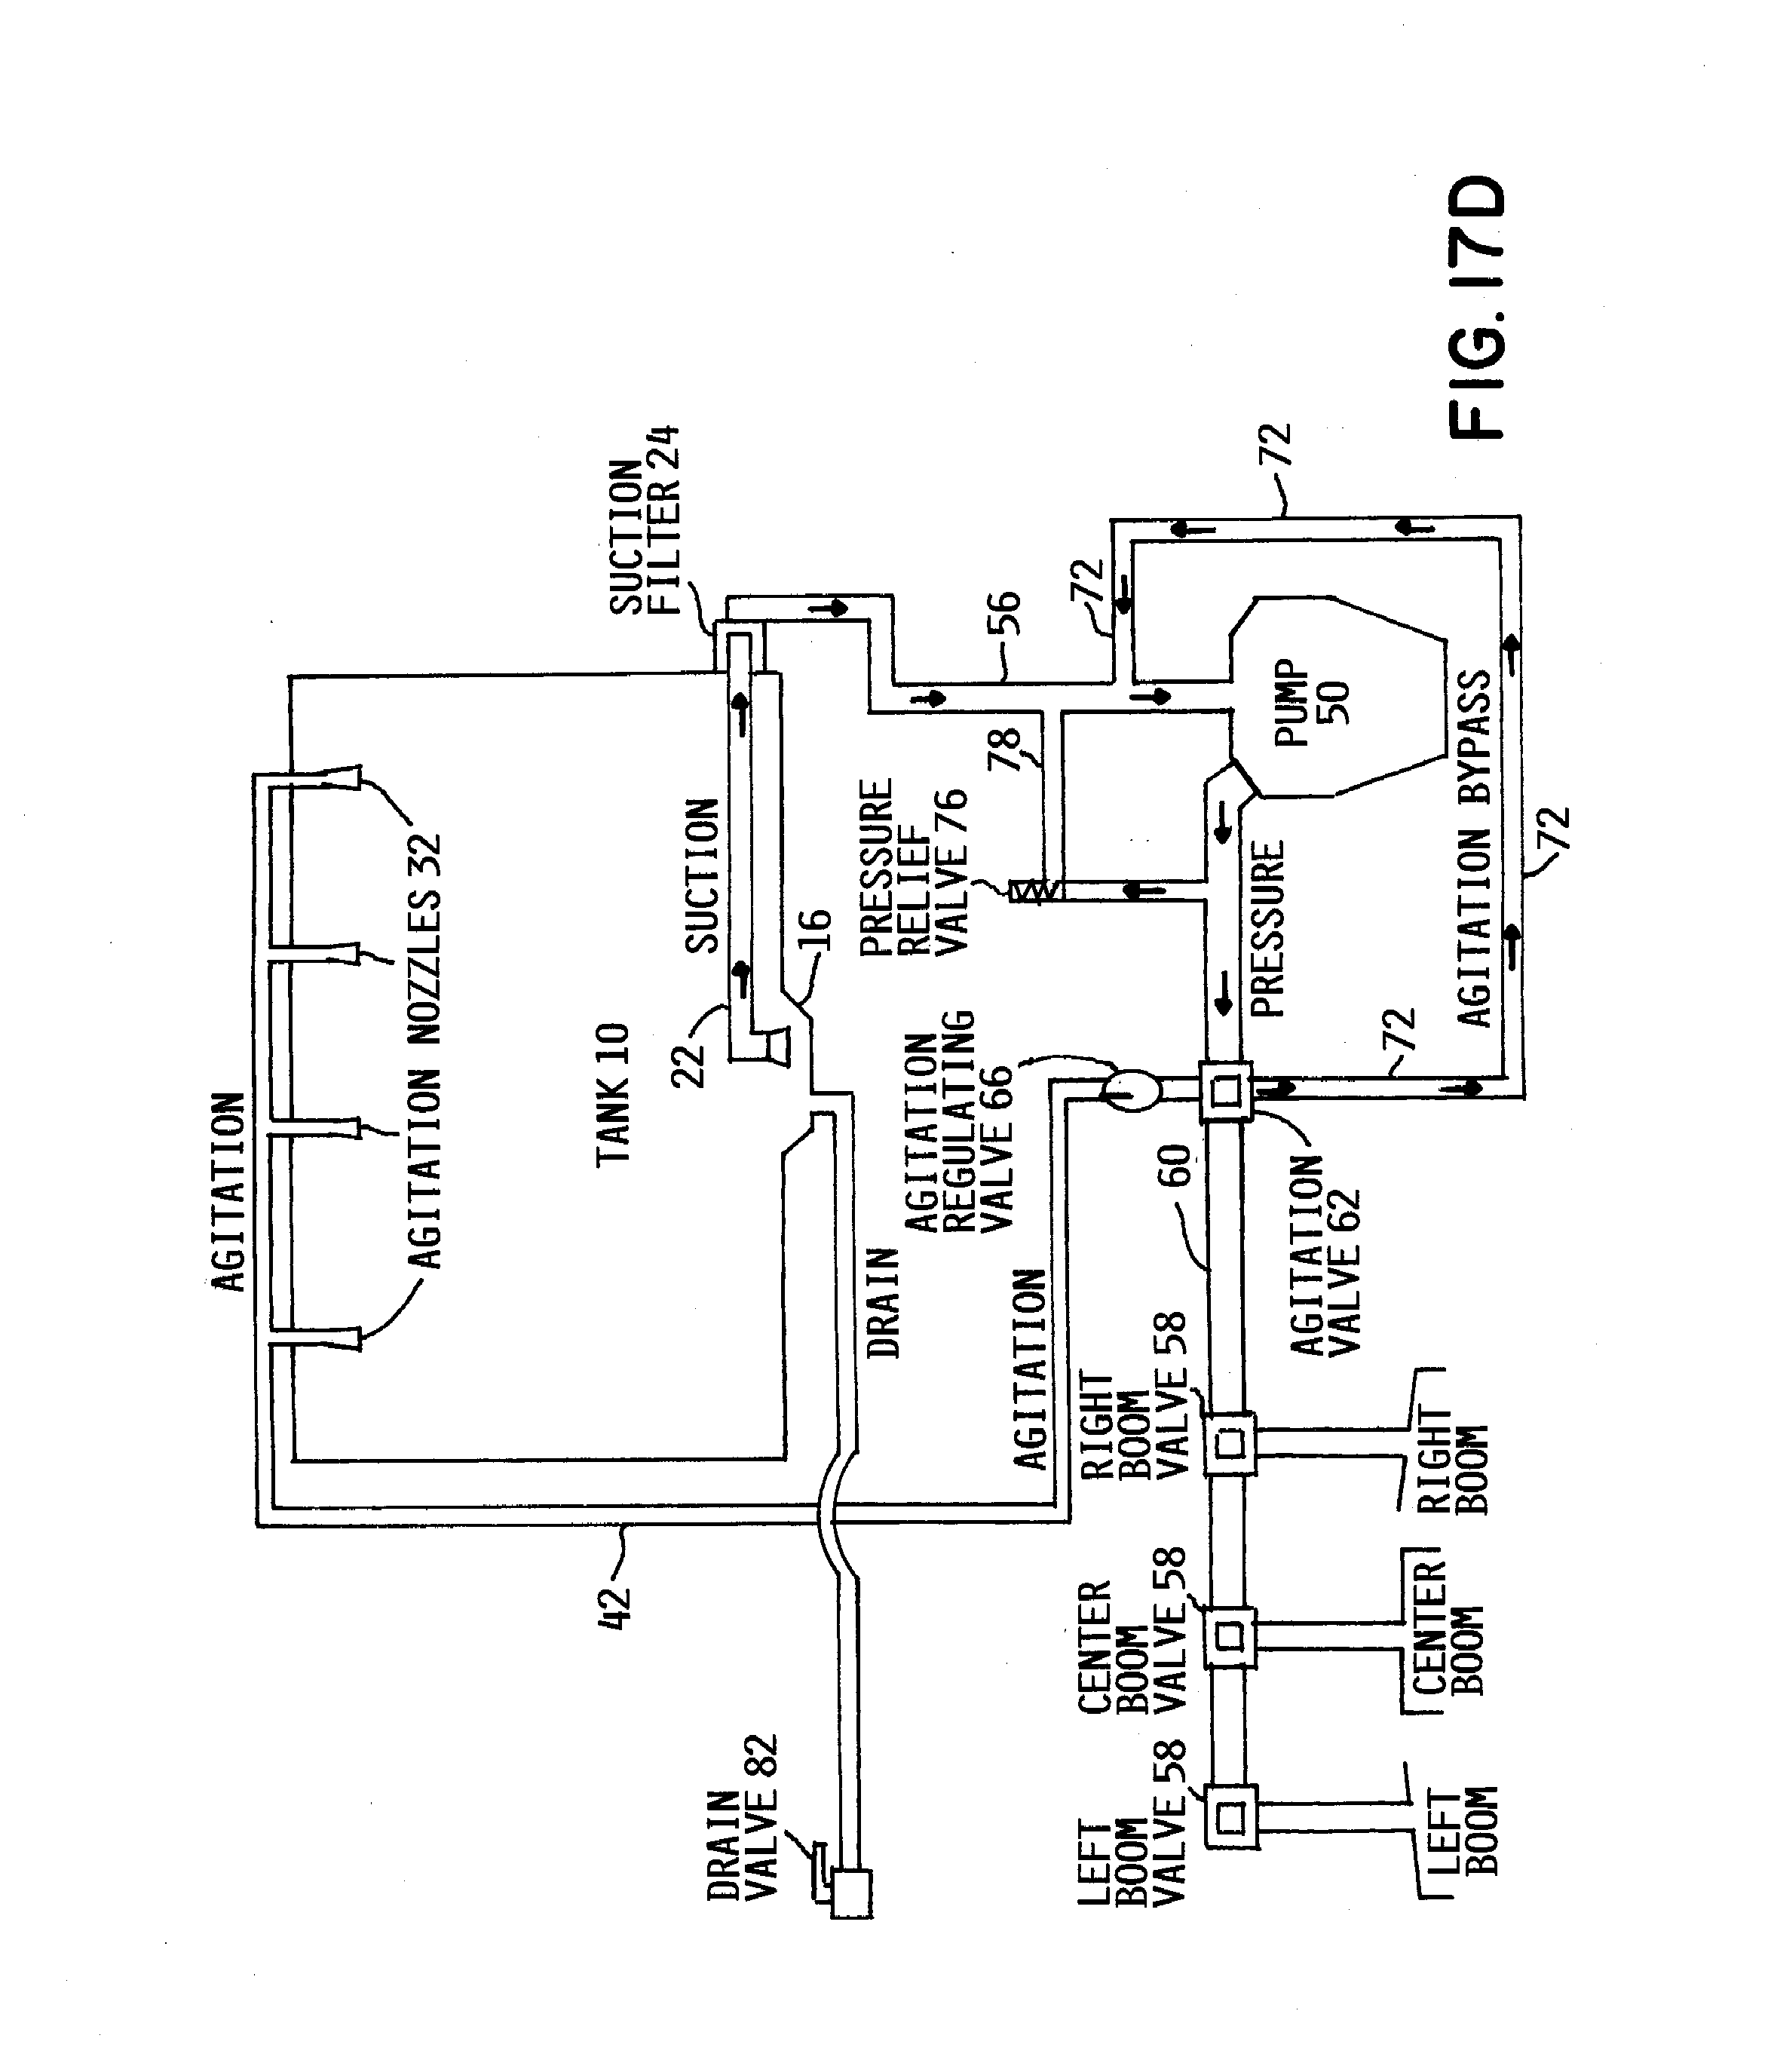 patent us20140217200